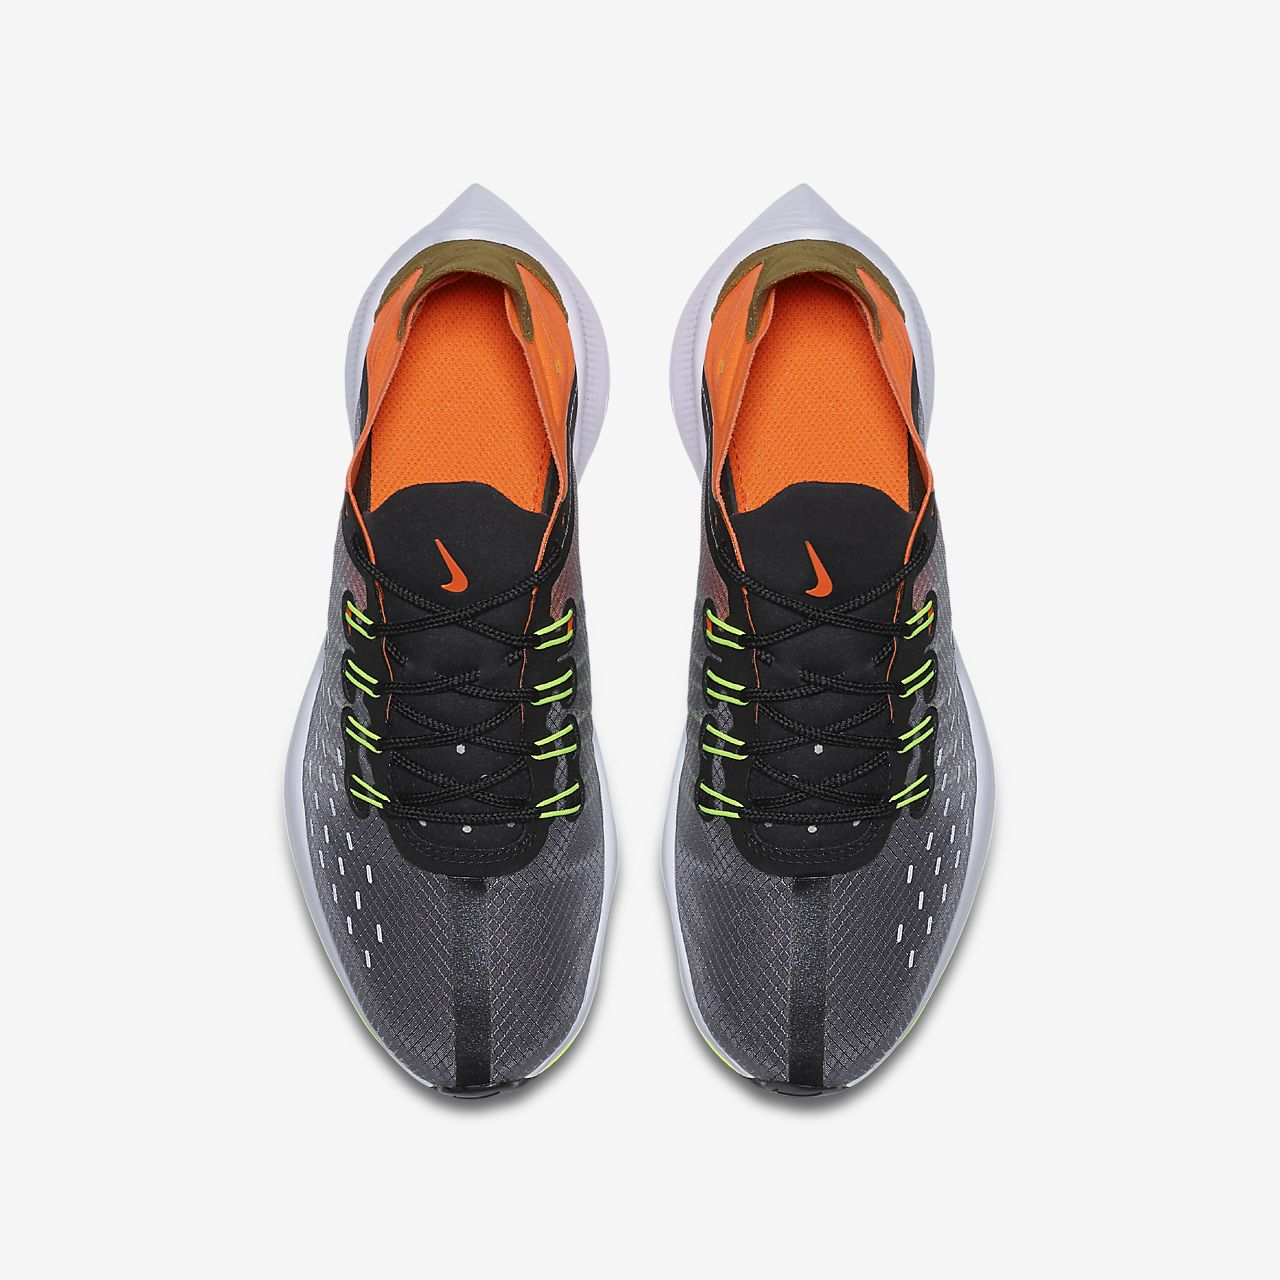 c6a76597450b Nike EXP-X14 Older Kids  Shoe. Nike.com AU